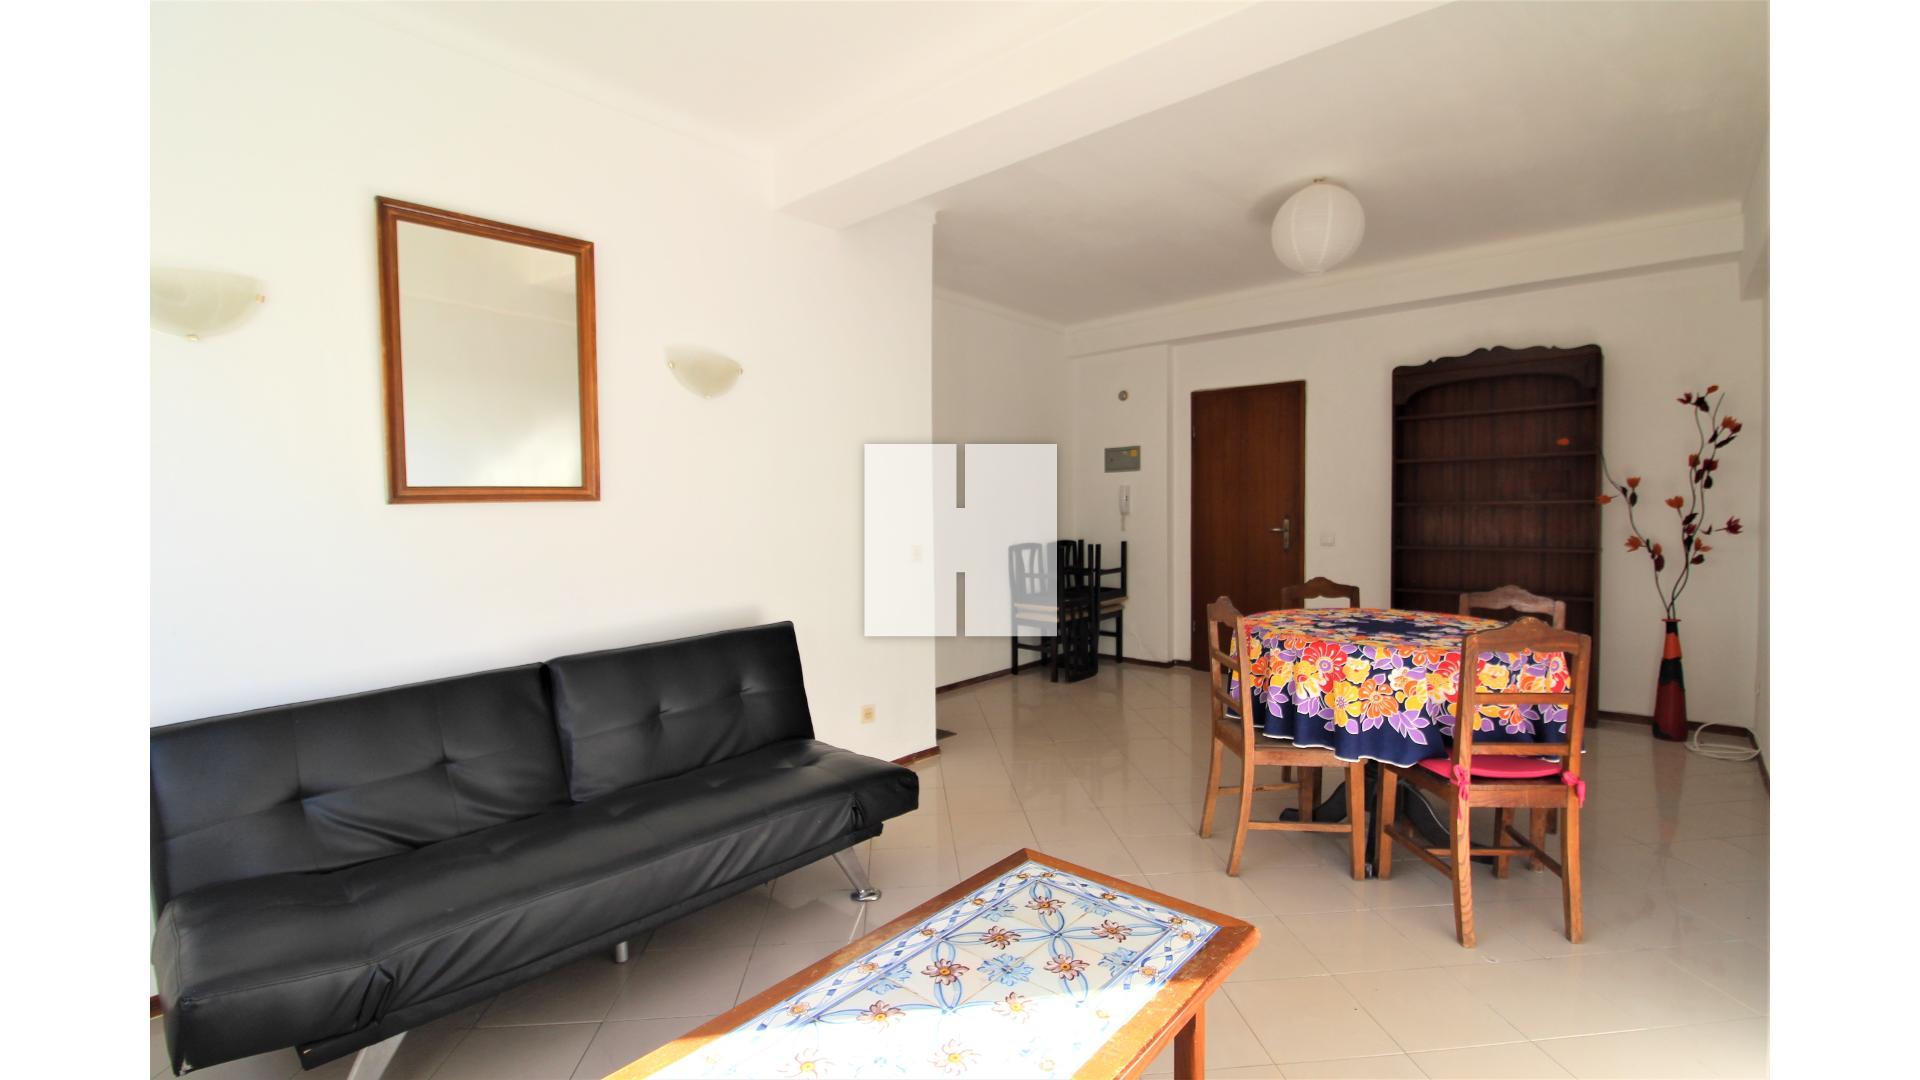 Apartamento T2 no Centro figueira da foz, Buarcos e Sao Juliao